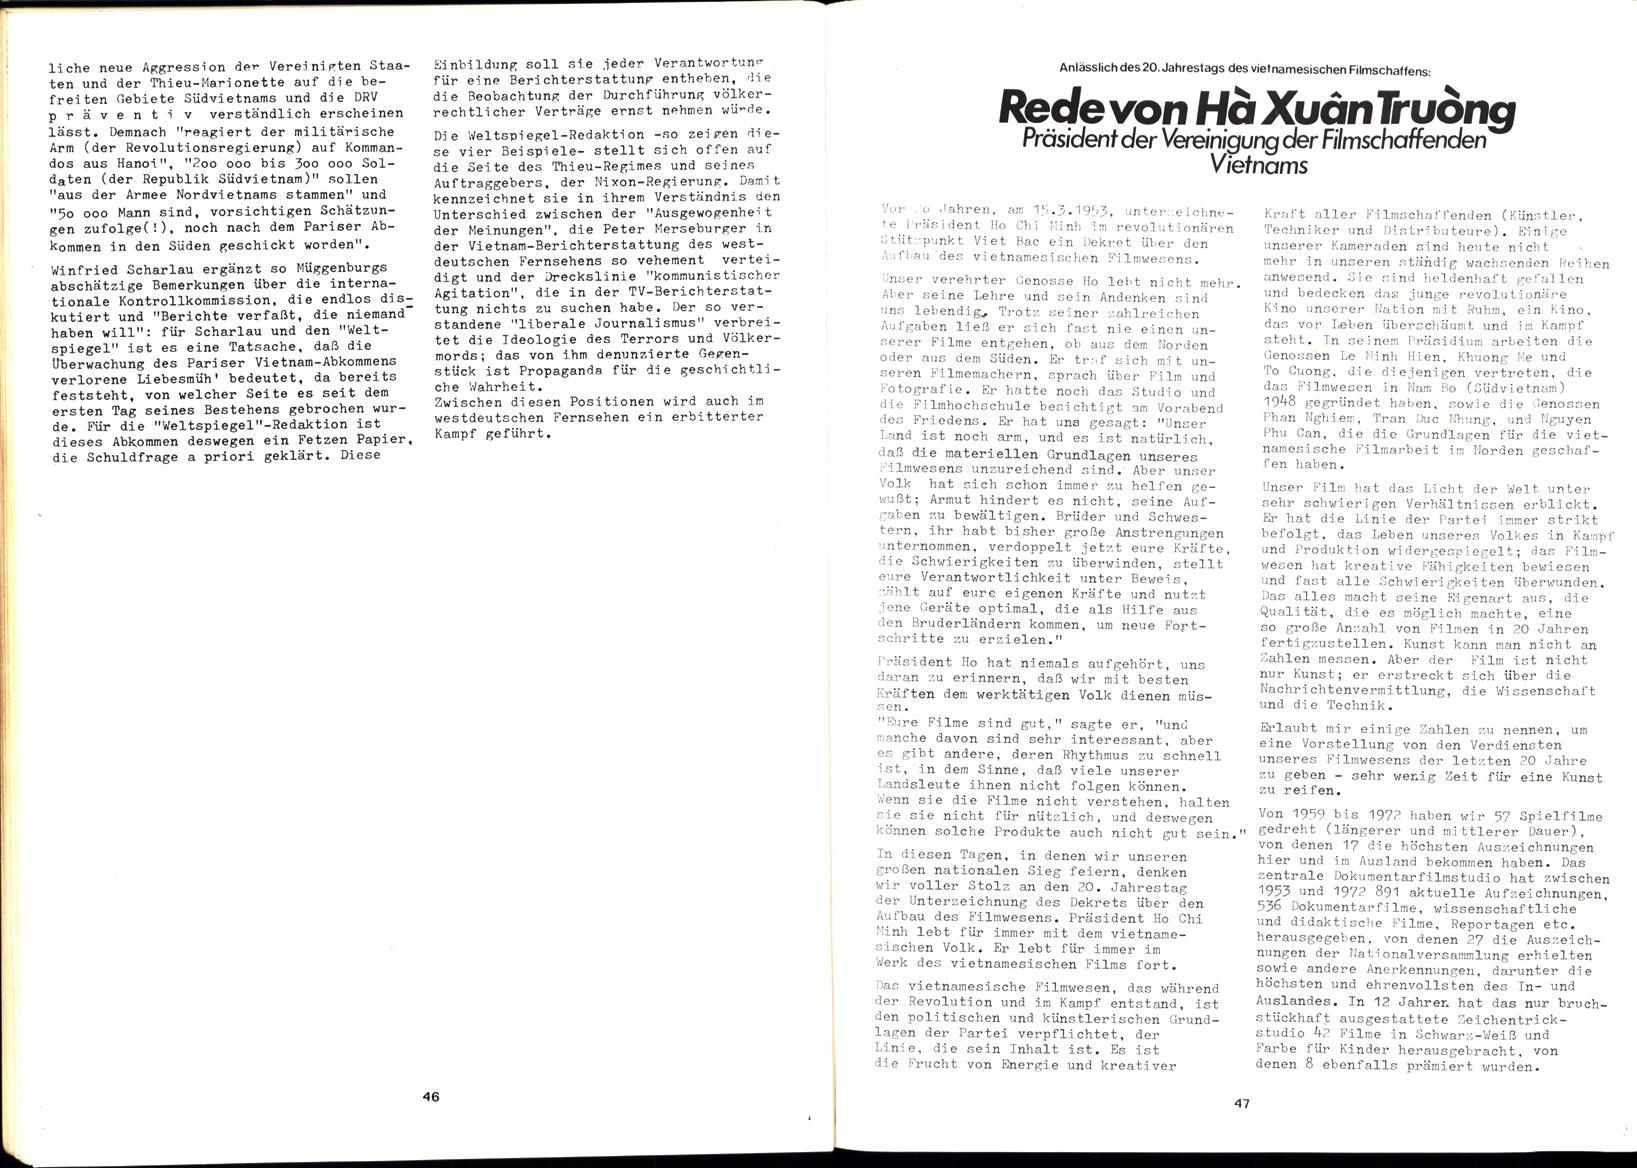 IK_Filmwesen_Bulletin_19740400_008_009_024